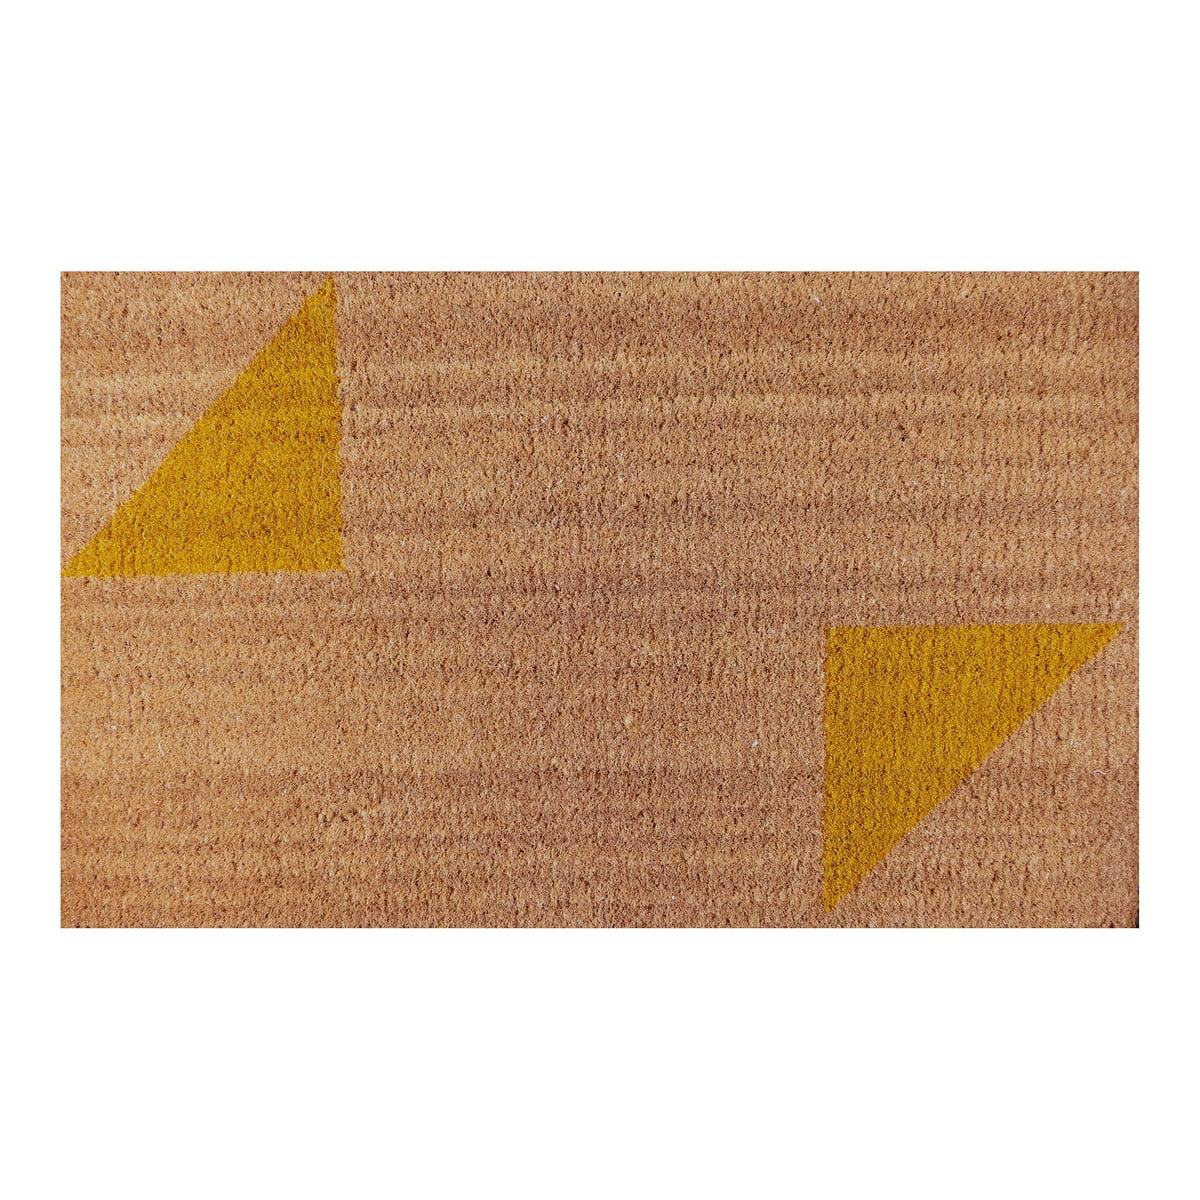 Ruckstuhl - Fußmatte, Dreieck-Muster gelb | Heimtextilien > Fussmatten | Gelb | Ruckstuhl